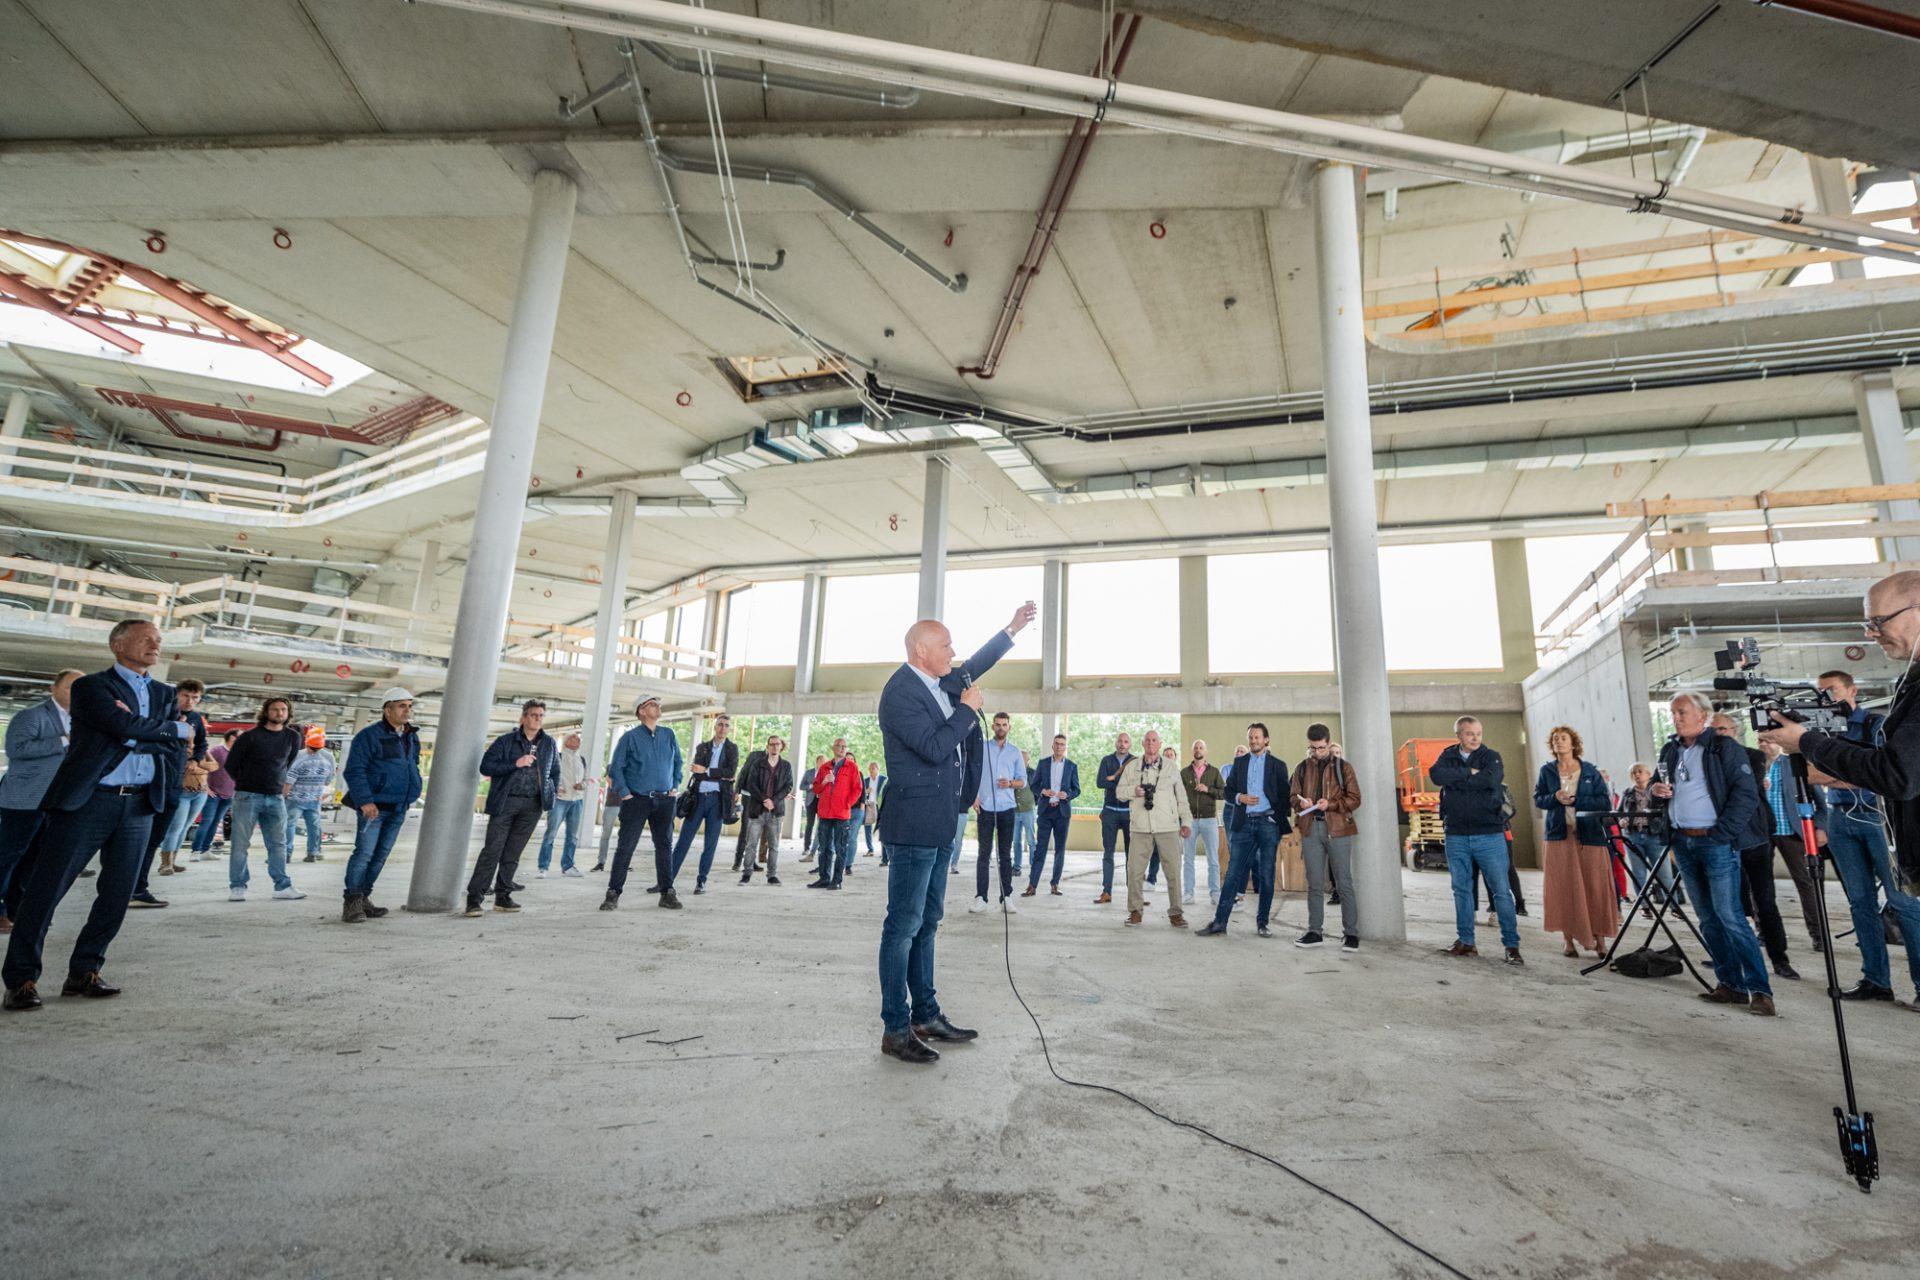 Wethouder Harrie van Dijk brengt een toast uit in schoolgebouw in aanbouw